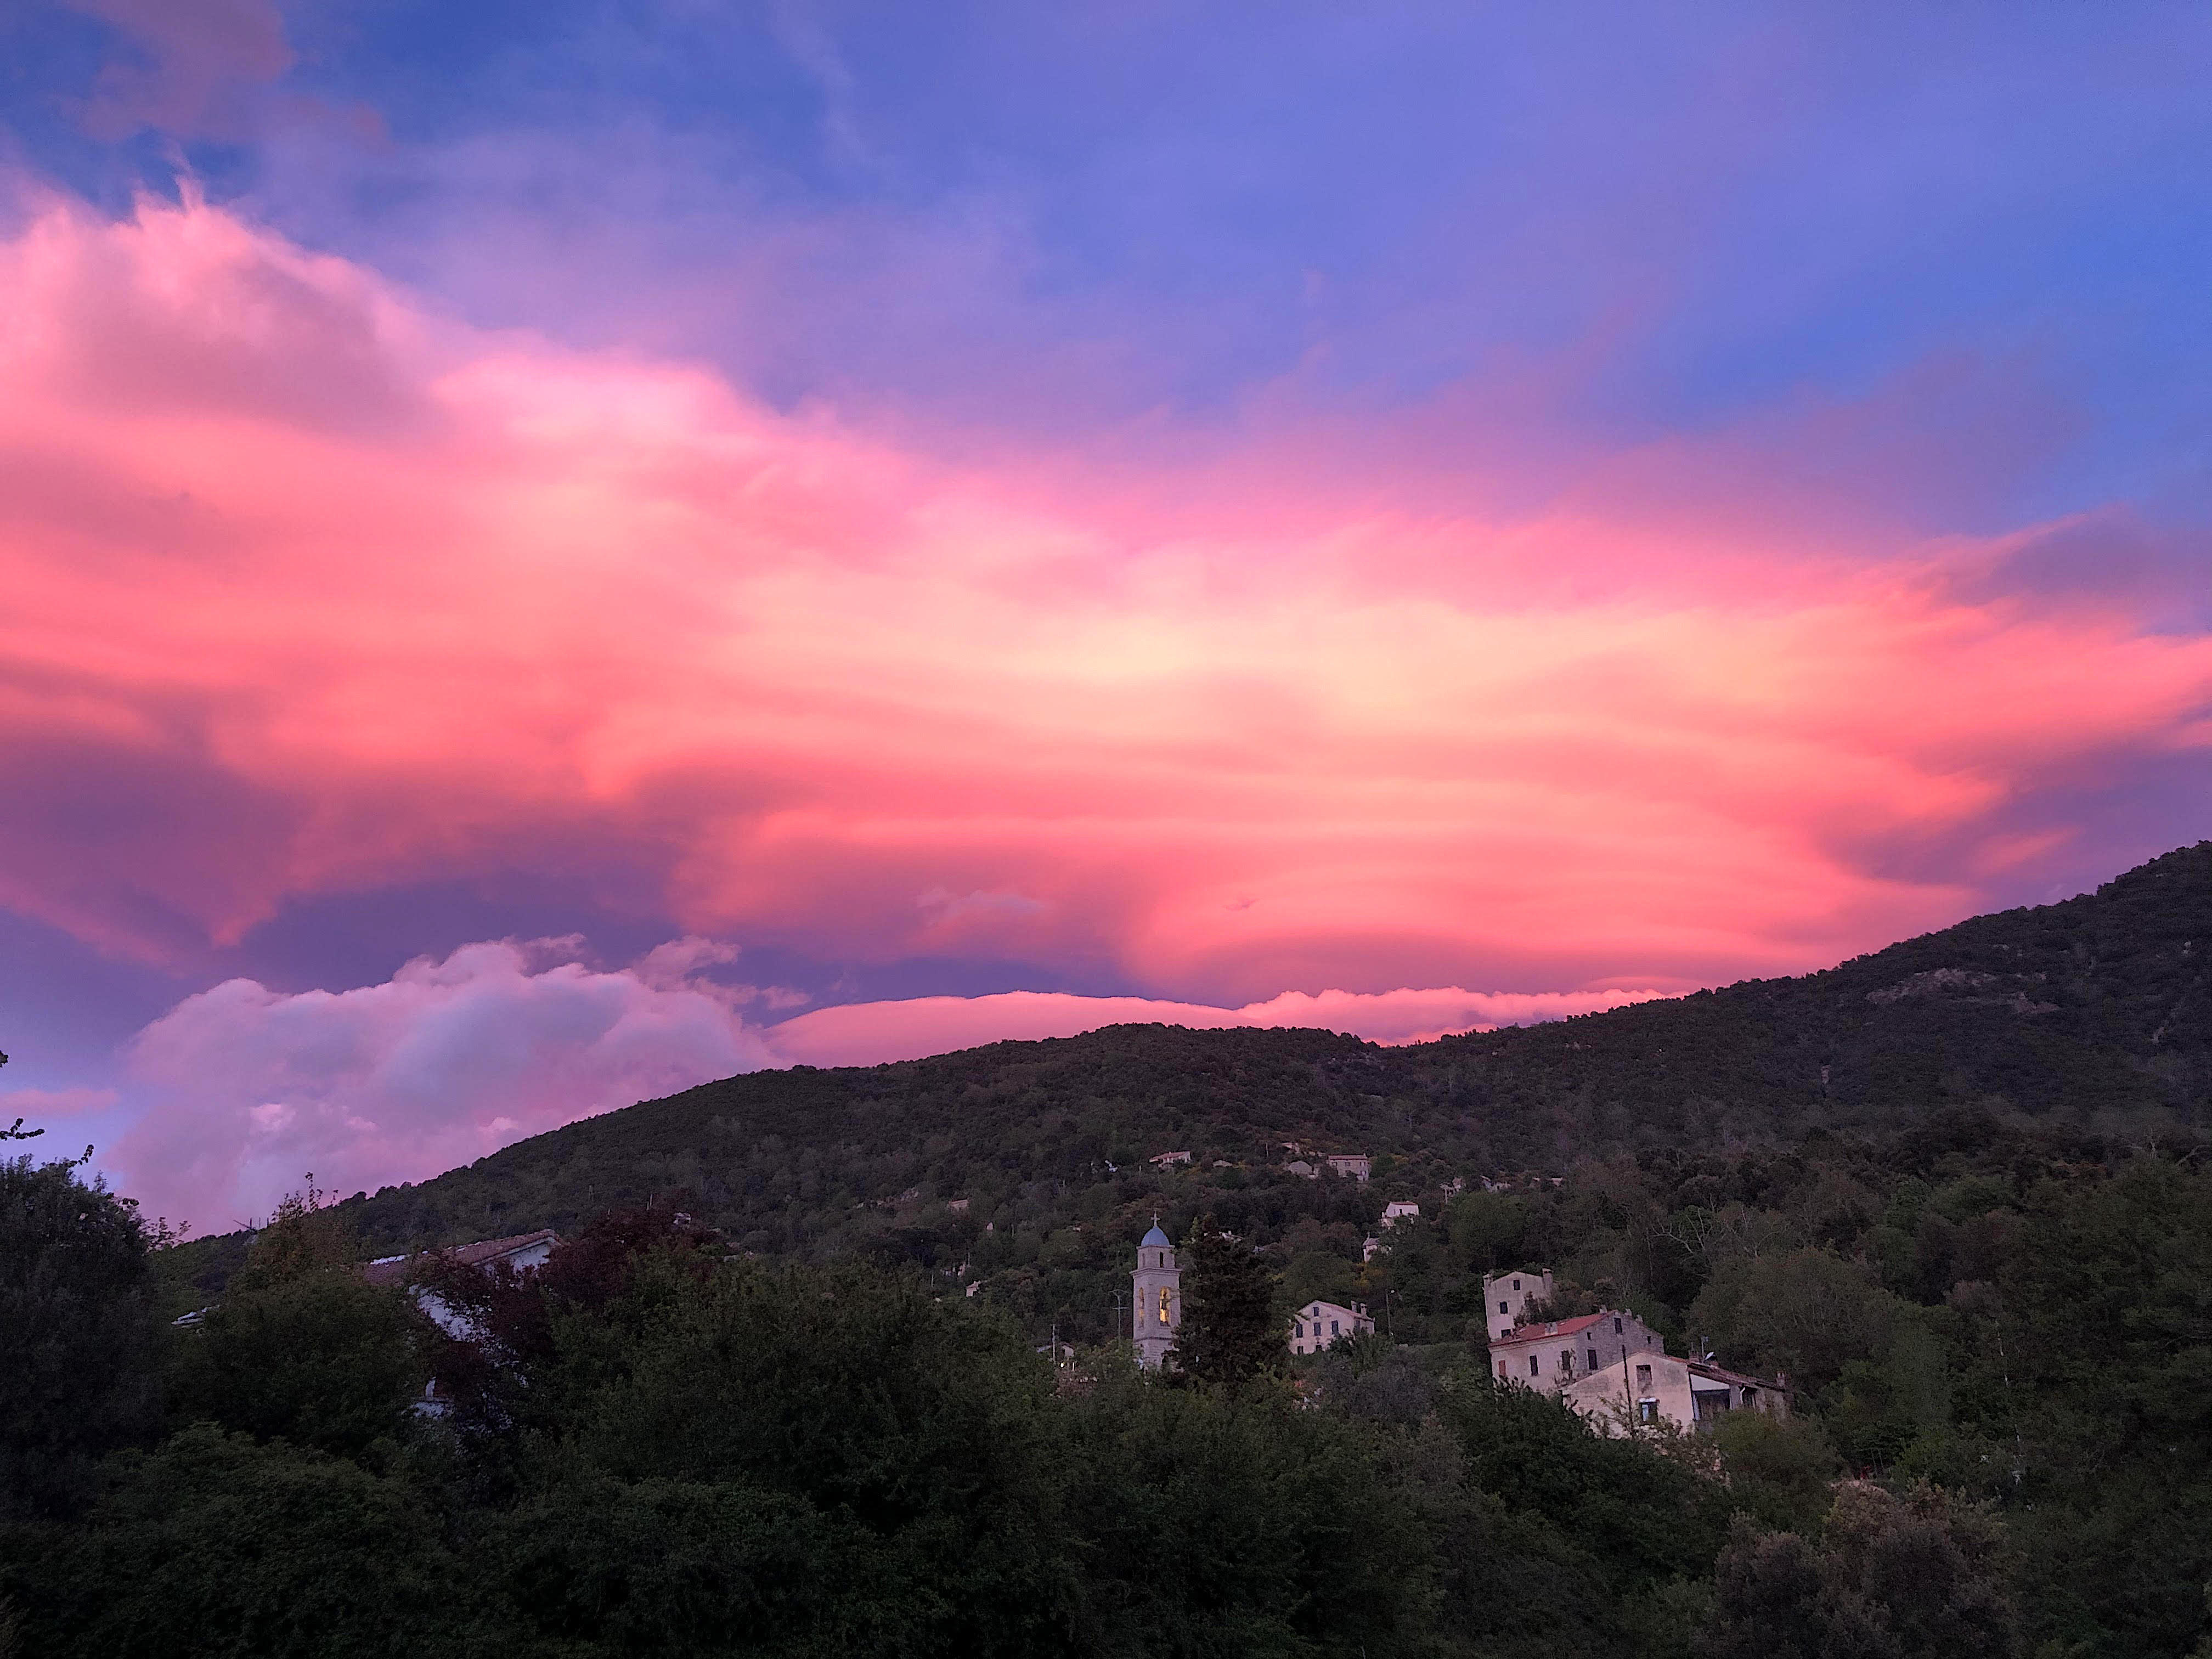 Le coucher de soleil colore les nuages au-dessus du clocher de Tavera en Corse-du-Sud (David Lavergne)